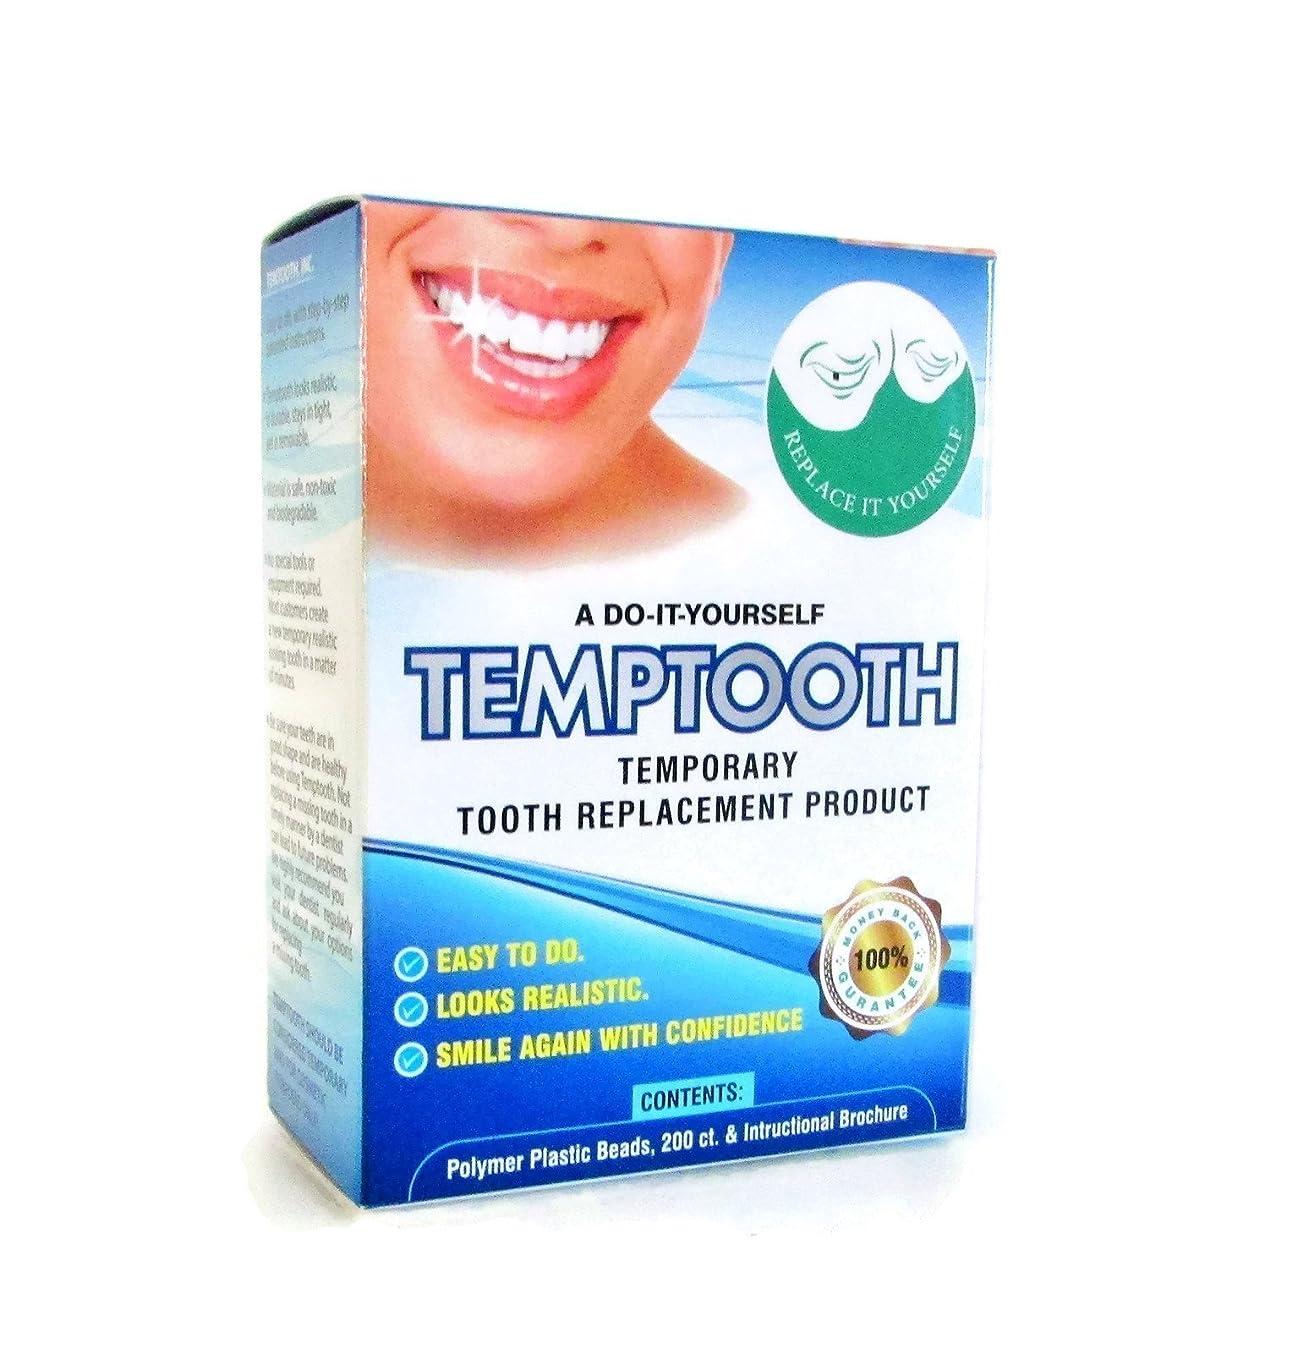 アブセイかすれた内訳自分で作るテンポラリー義歯/Temptooth Do It Yourself Tooth Replacement Product